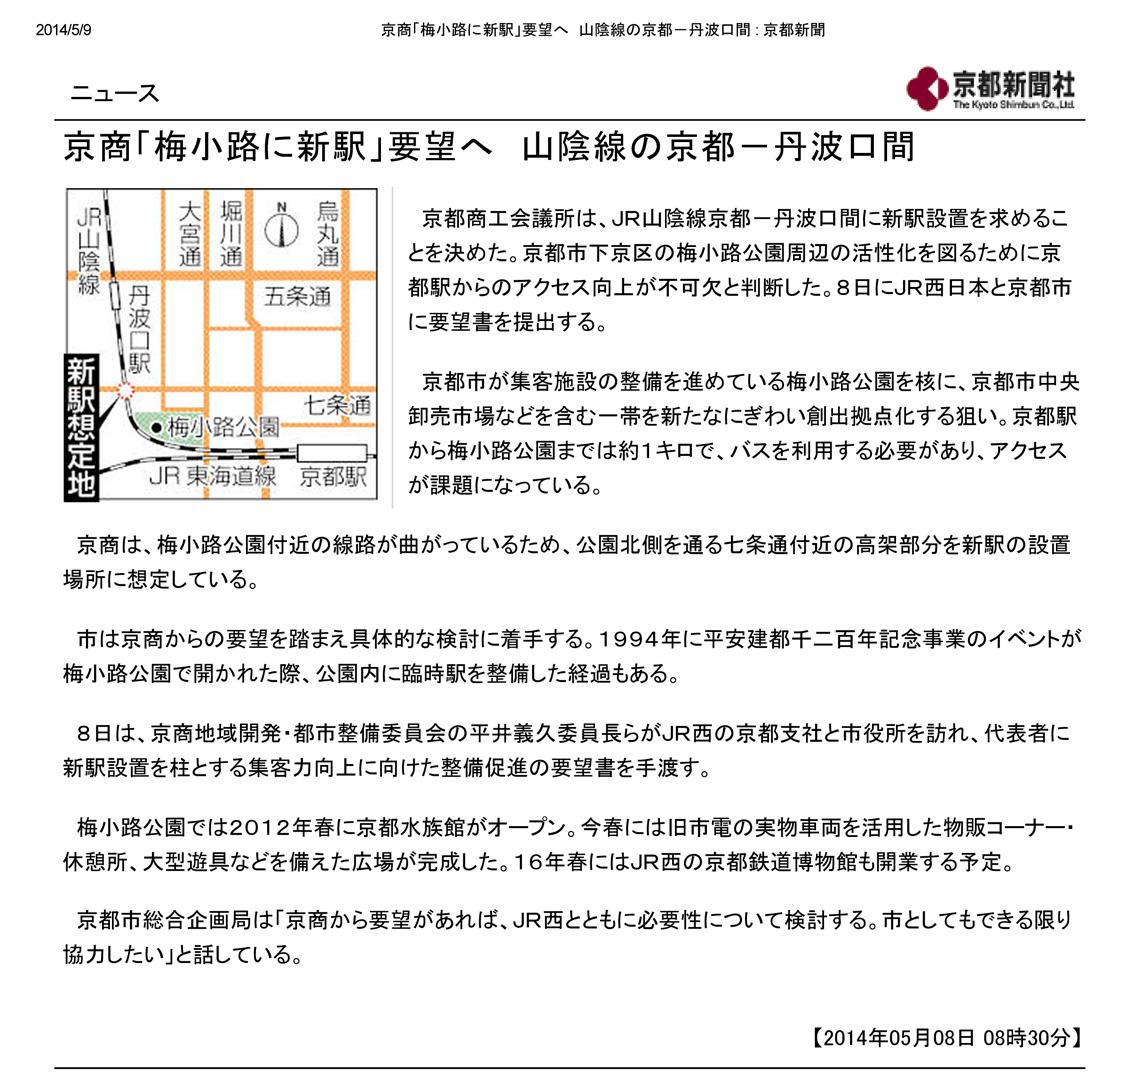 京商「梅小路に新駅」要望へ 山陰線の京都-丹波口間 _ 京都新聞